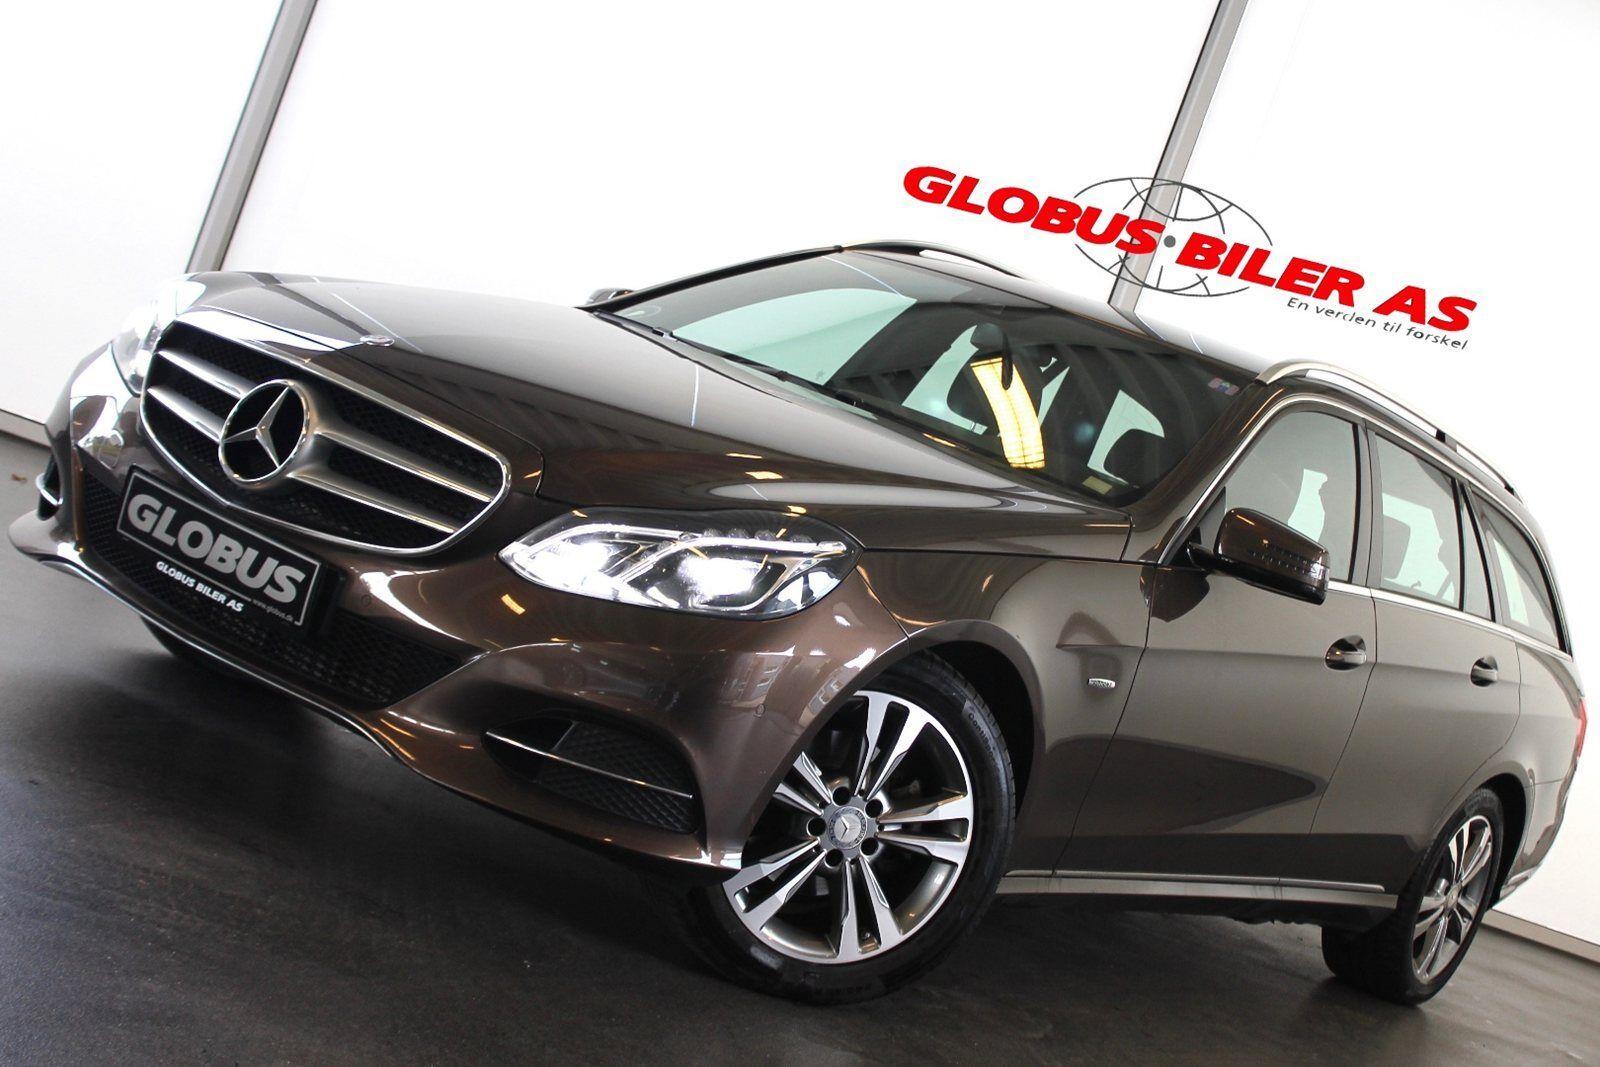 Mercedes E220 2,2 BlueTEC Avantgarde stc. aut. 5d - 379.900 kr.